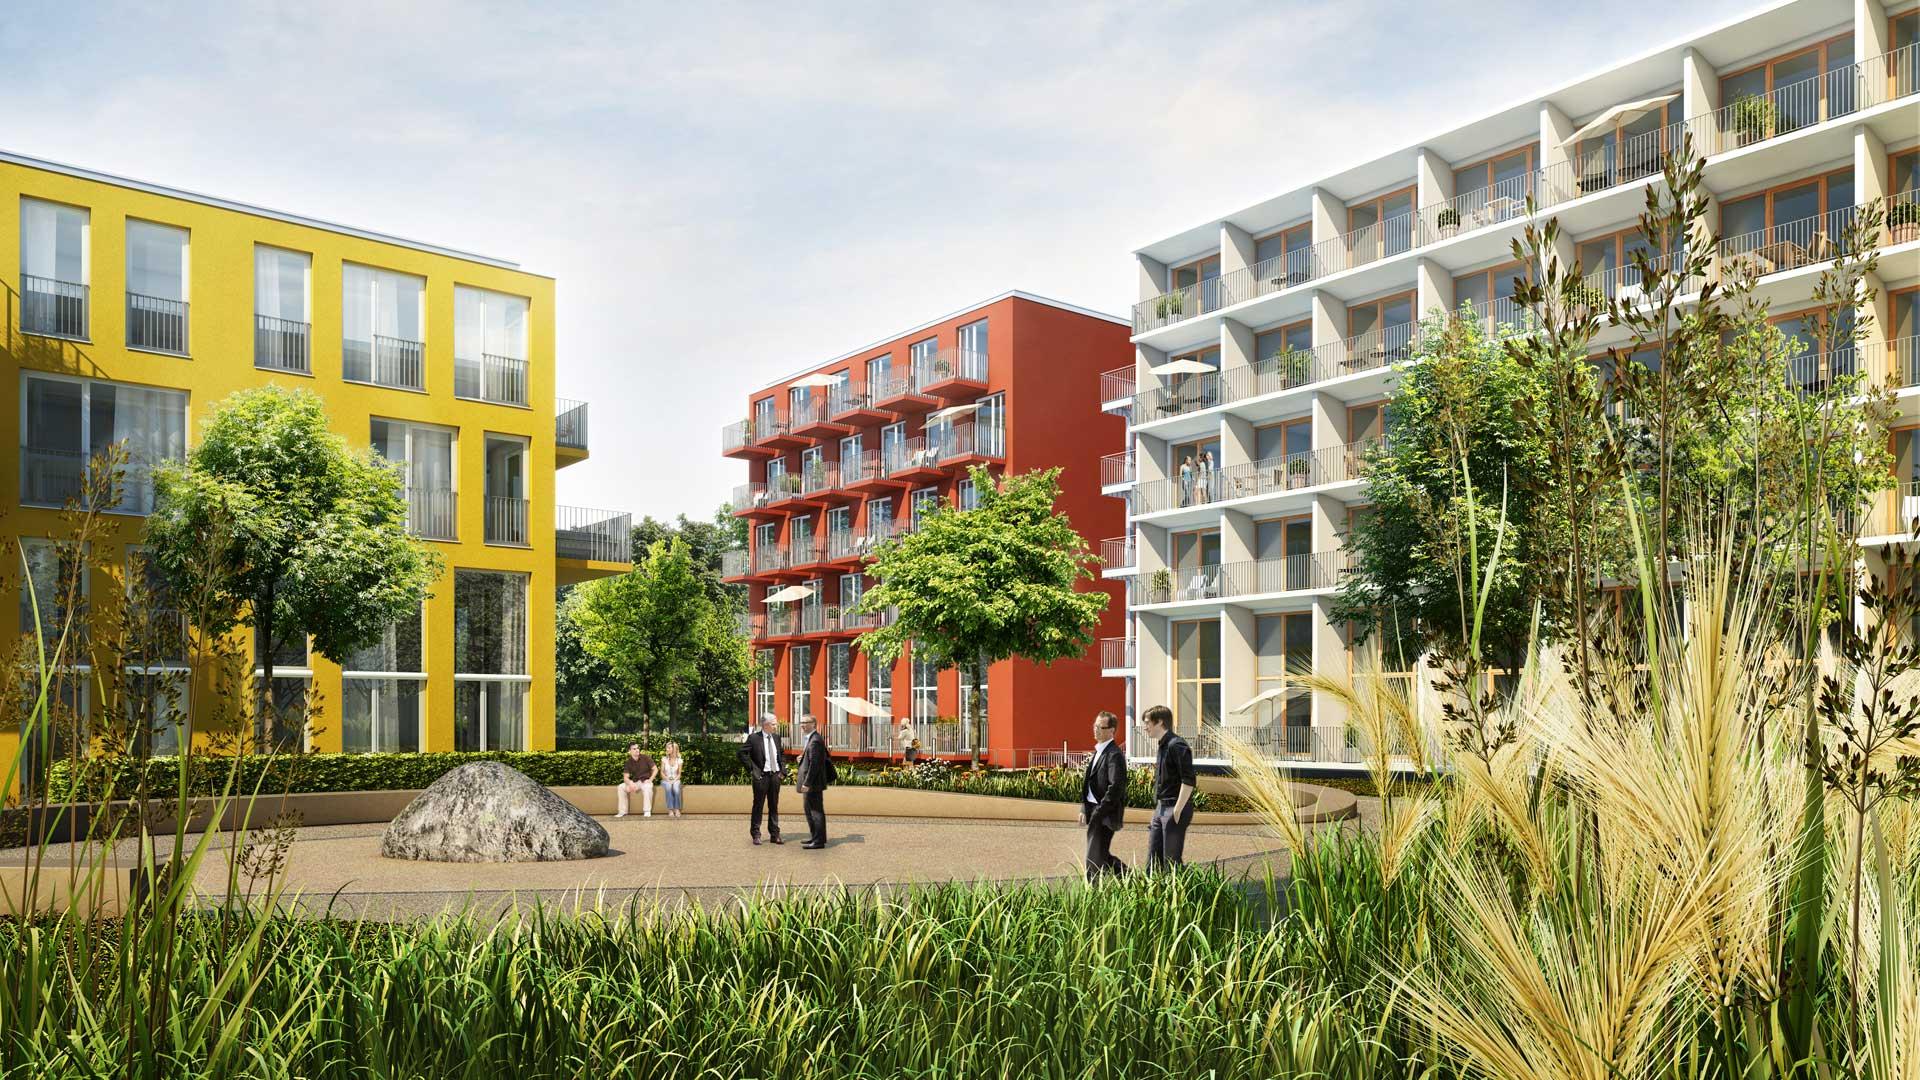 Gartenansicht des Apartmentkomplexes studiomuc mit harmonischer Fassadengestaltung mit weißen, gelben und roten Gebäudeteilen vom Architekturbüro atelier8 in Frankfurt